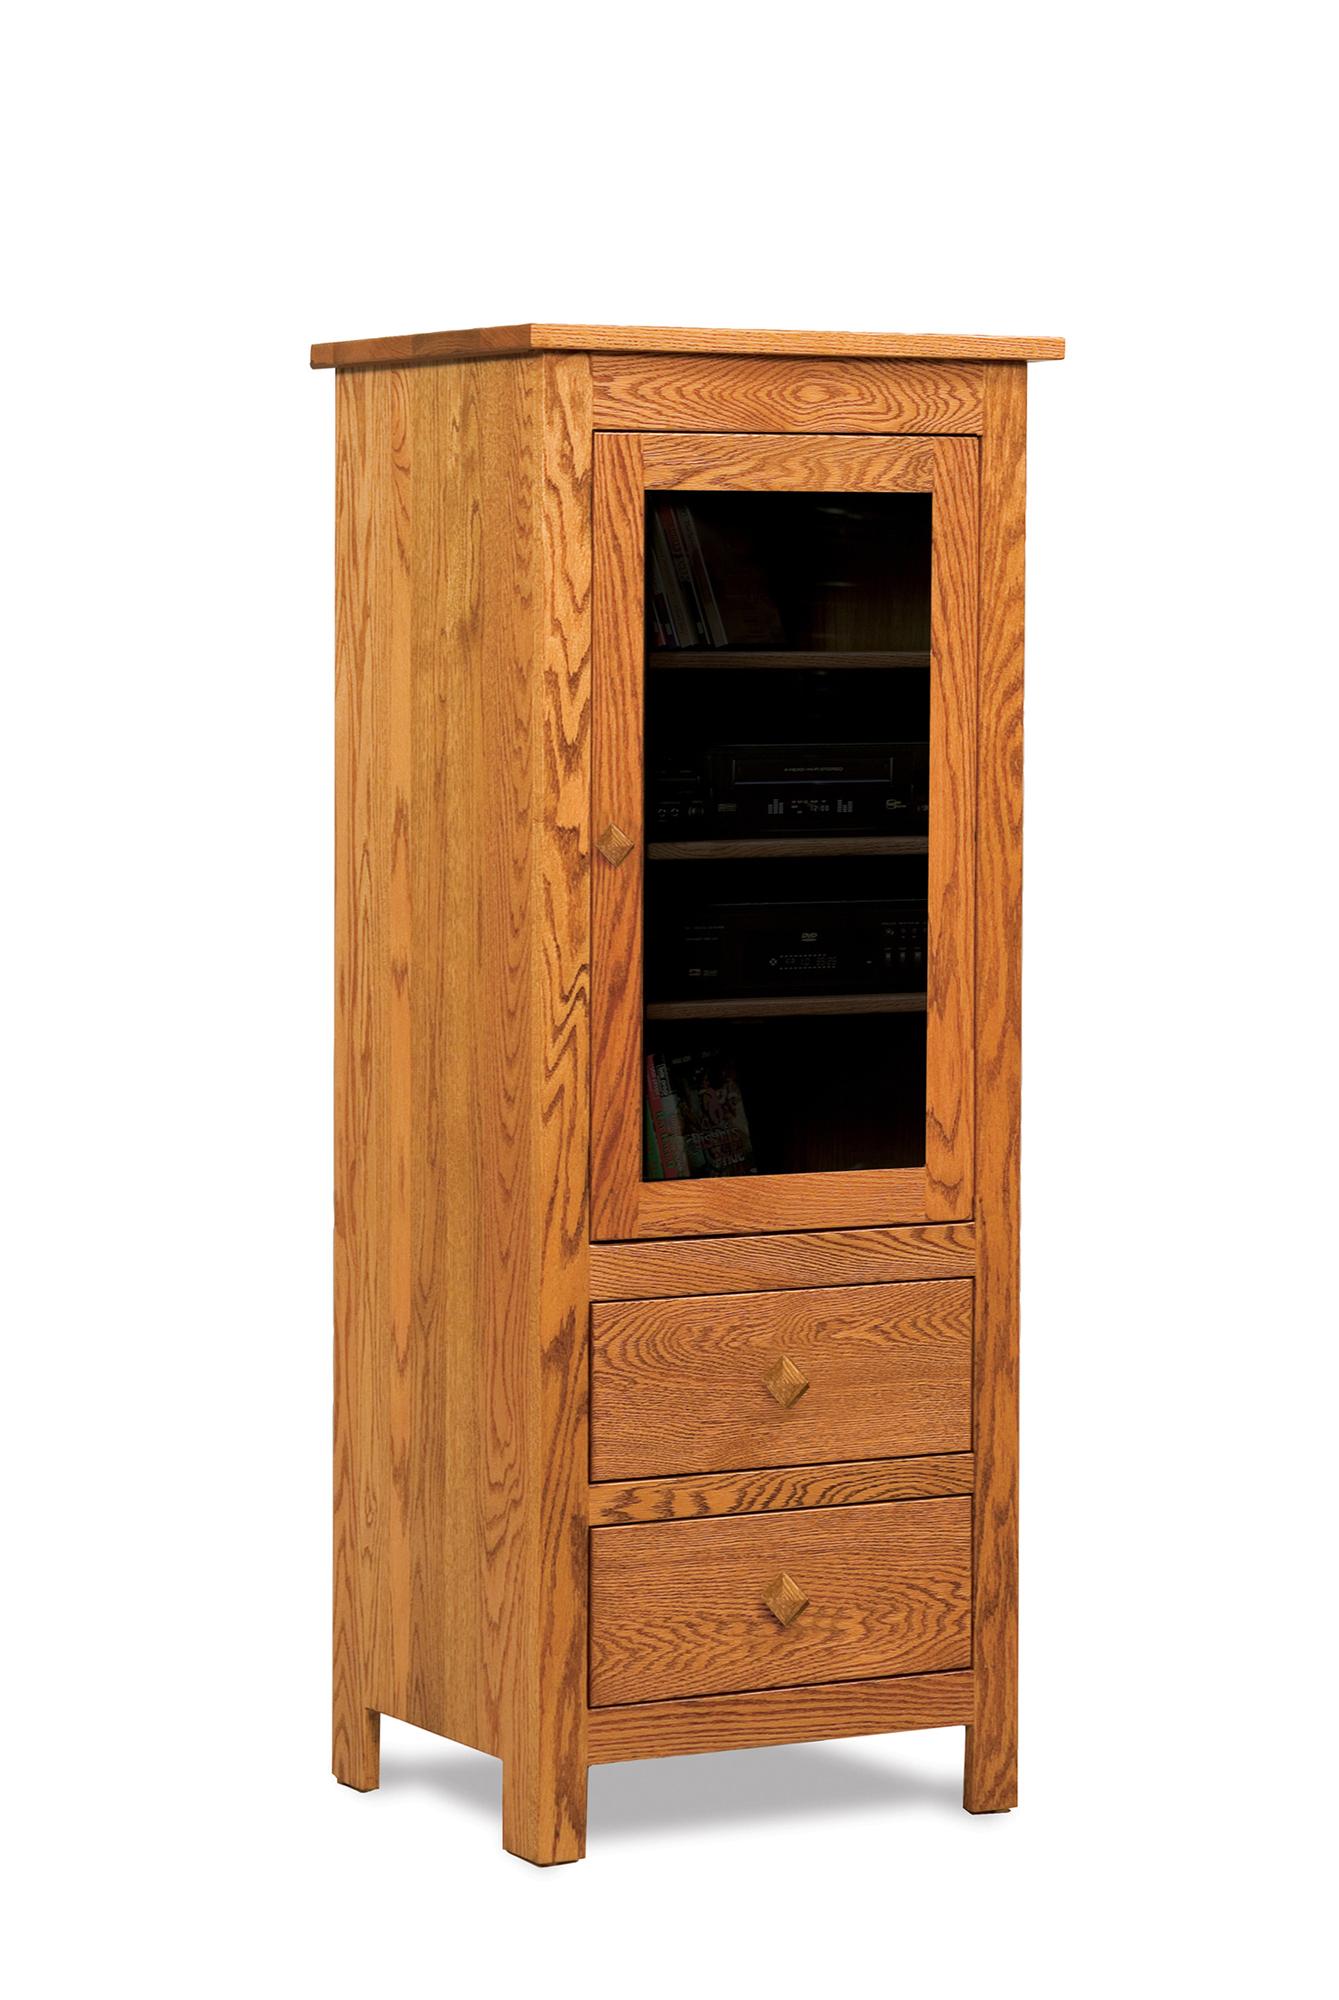 Mission Stereo Cabinet Amish Furniture Store Mankato MN